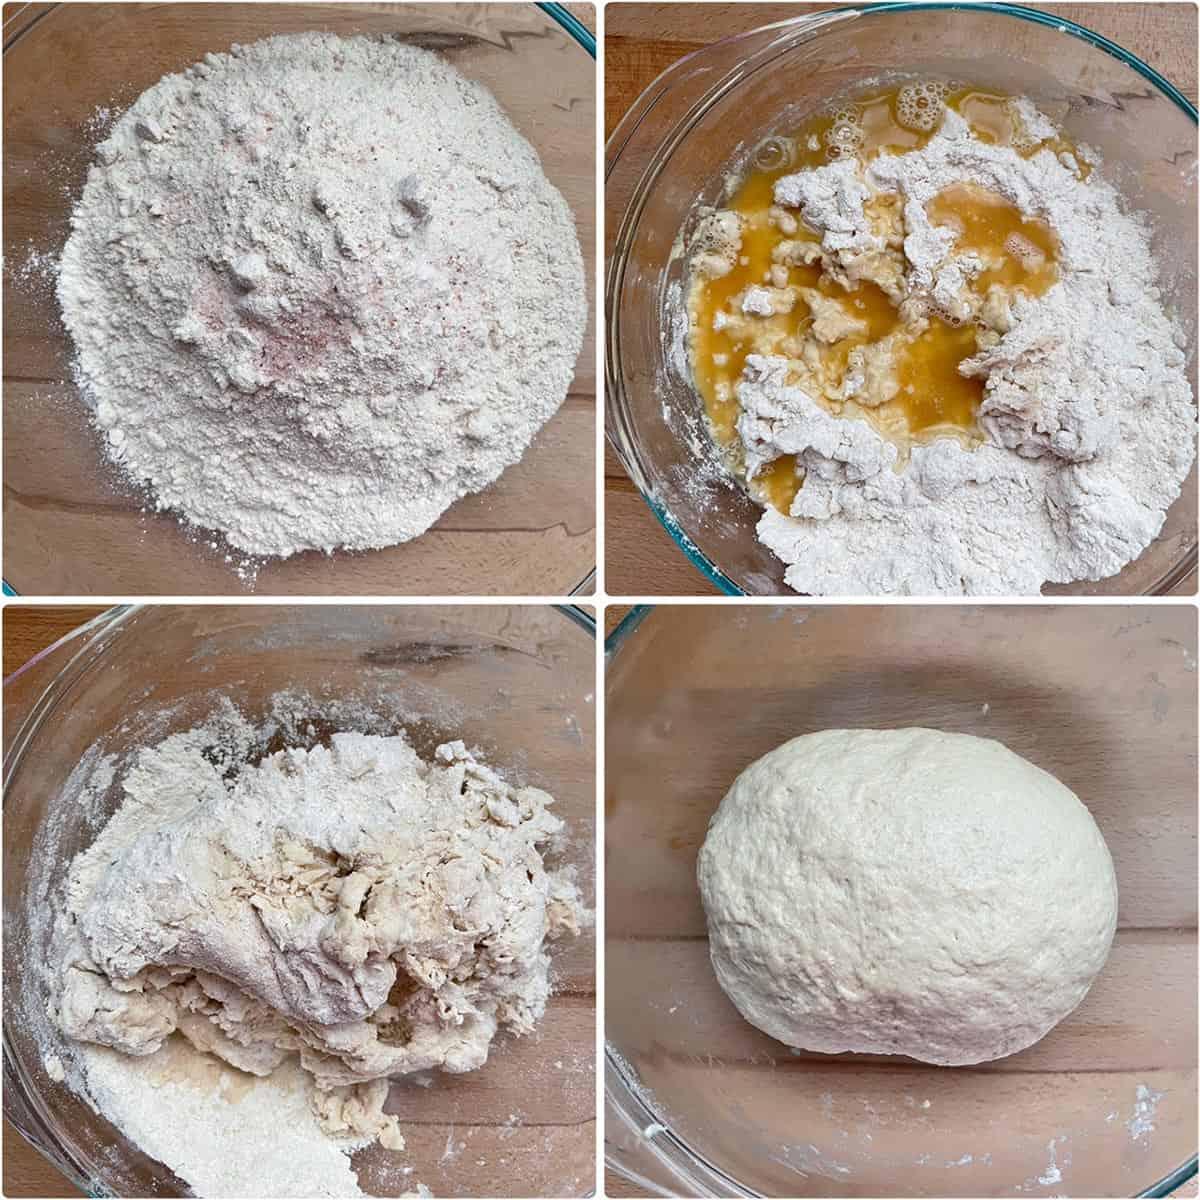 Mixing ingredients to make dough